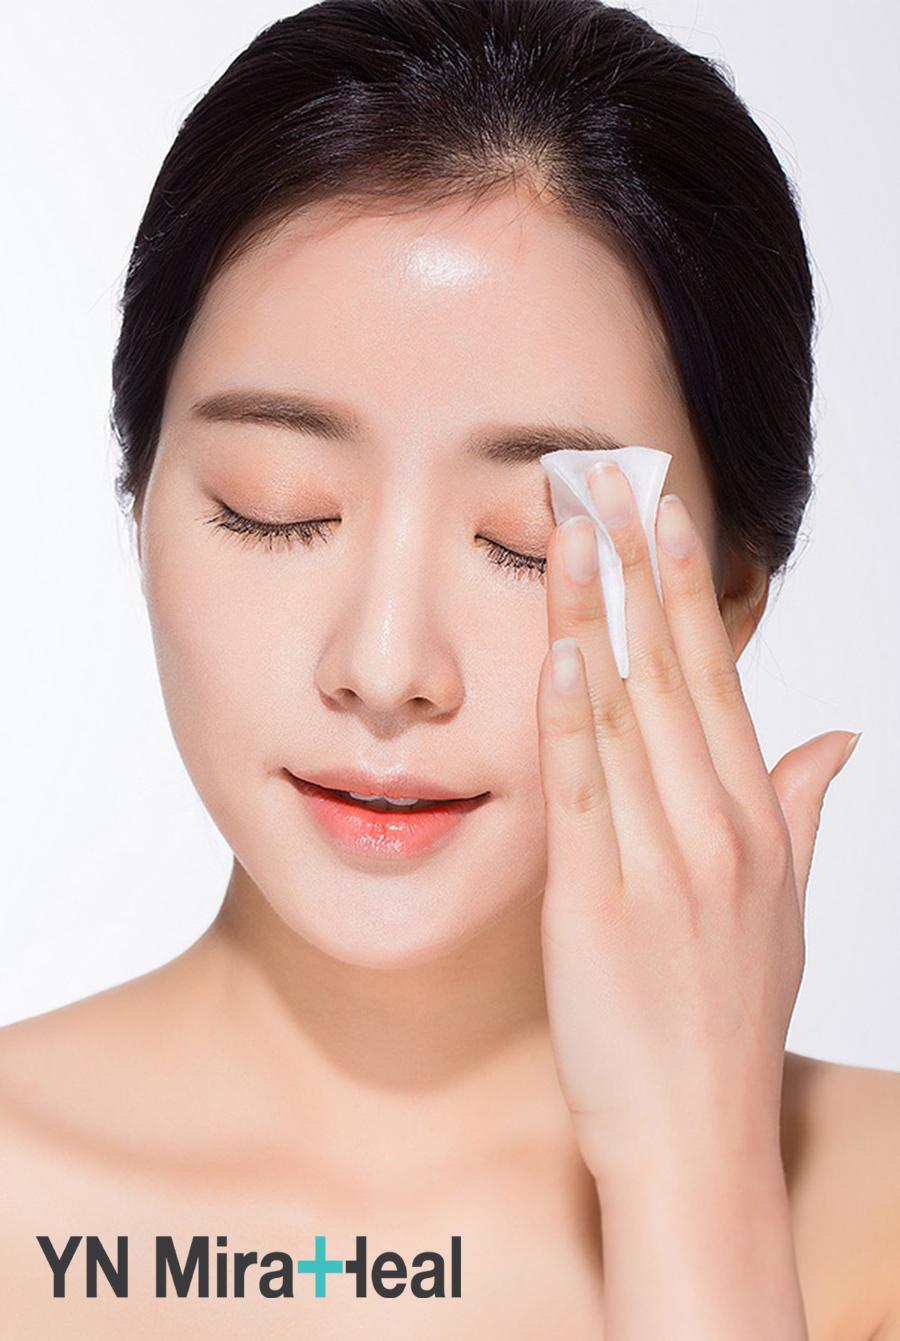 Da dầu là làn da dễ bị mụn viêm và thiếu ẩm trầm trọng